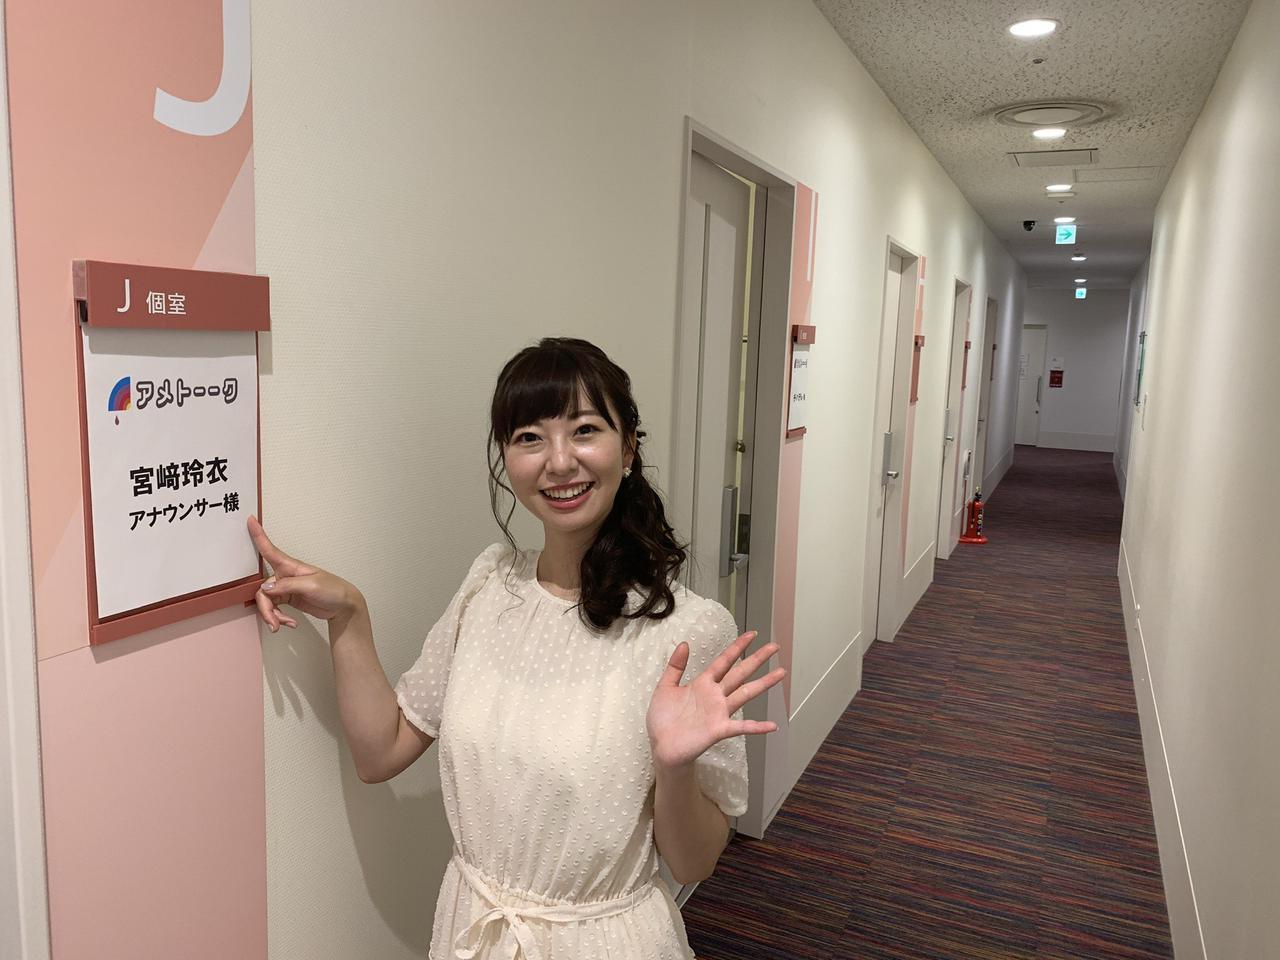 画像2: 7月1日アメトーークに出演します☆